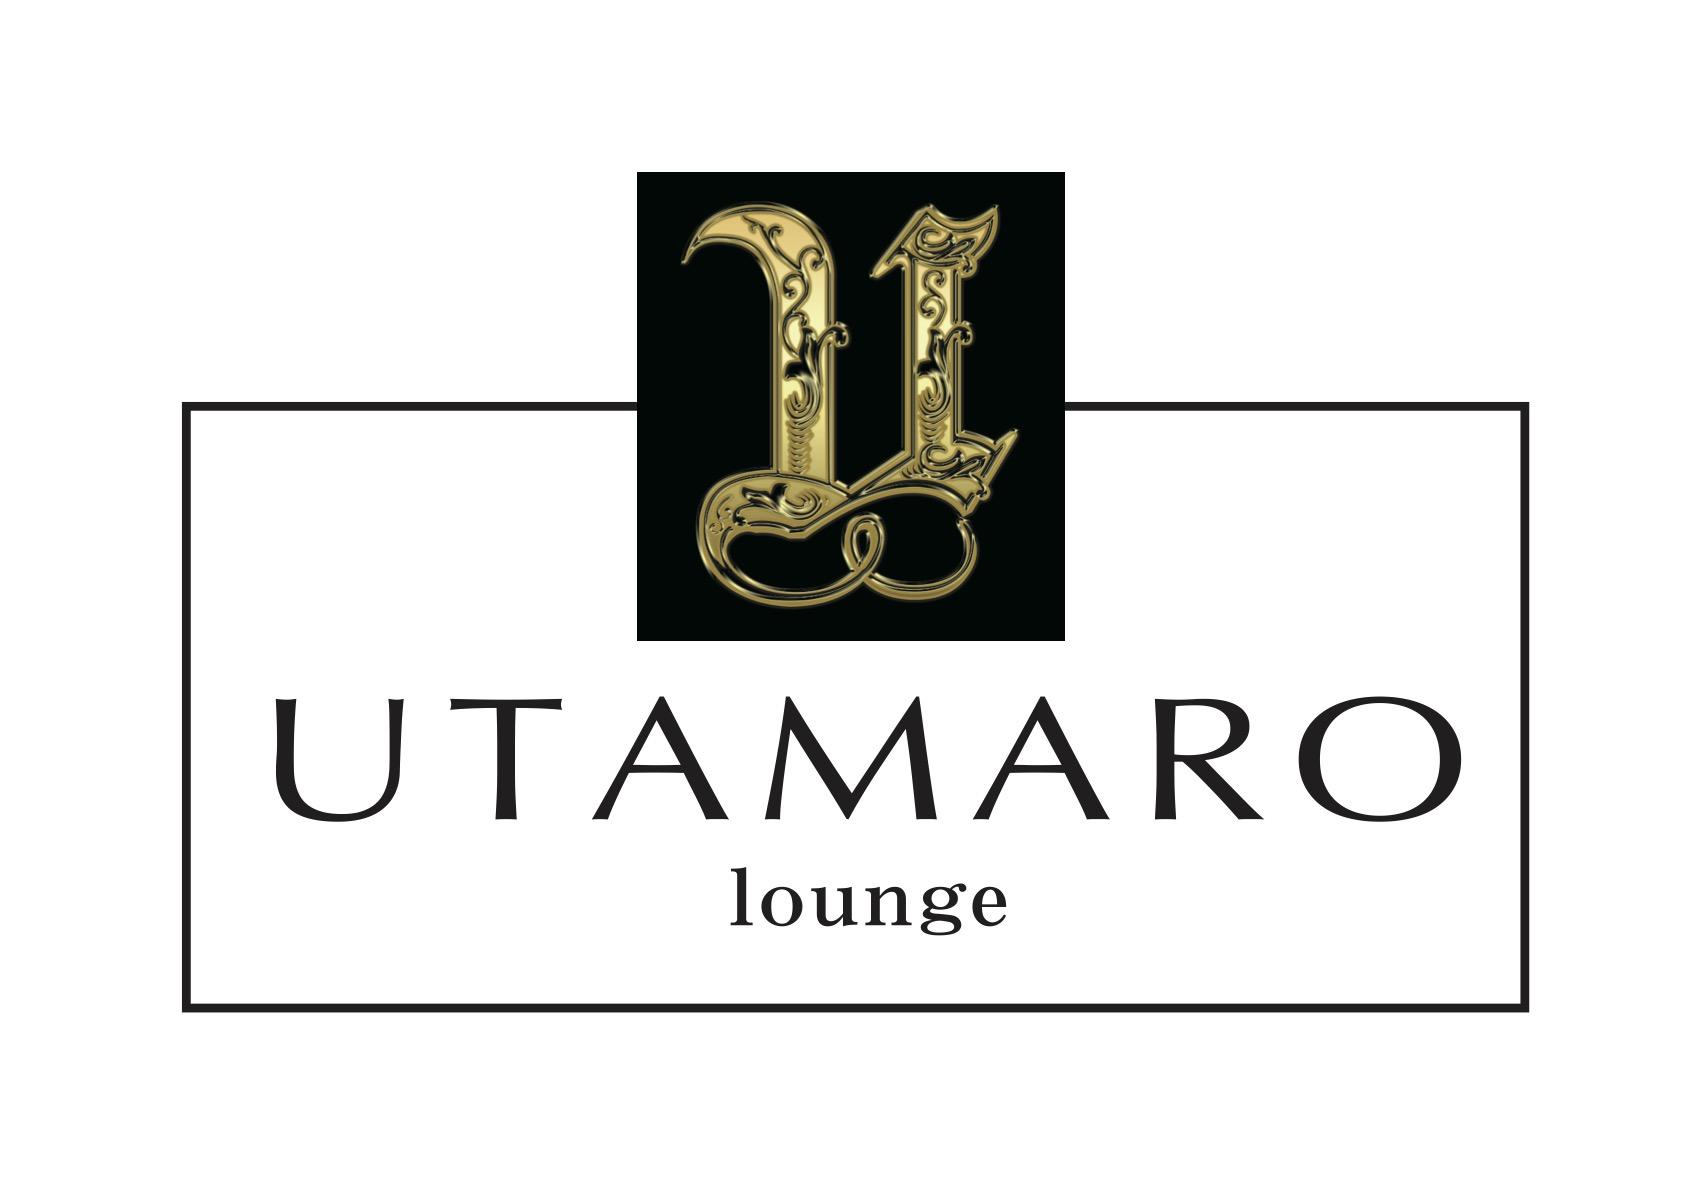 UTAMARO|中洲レストラン&バー|ウタマロ